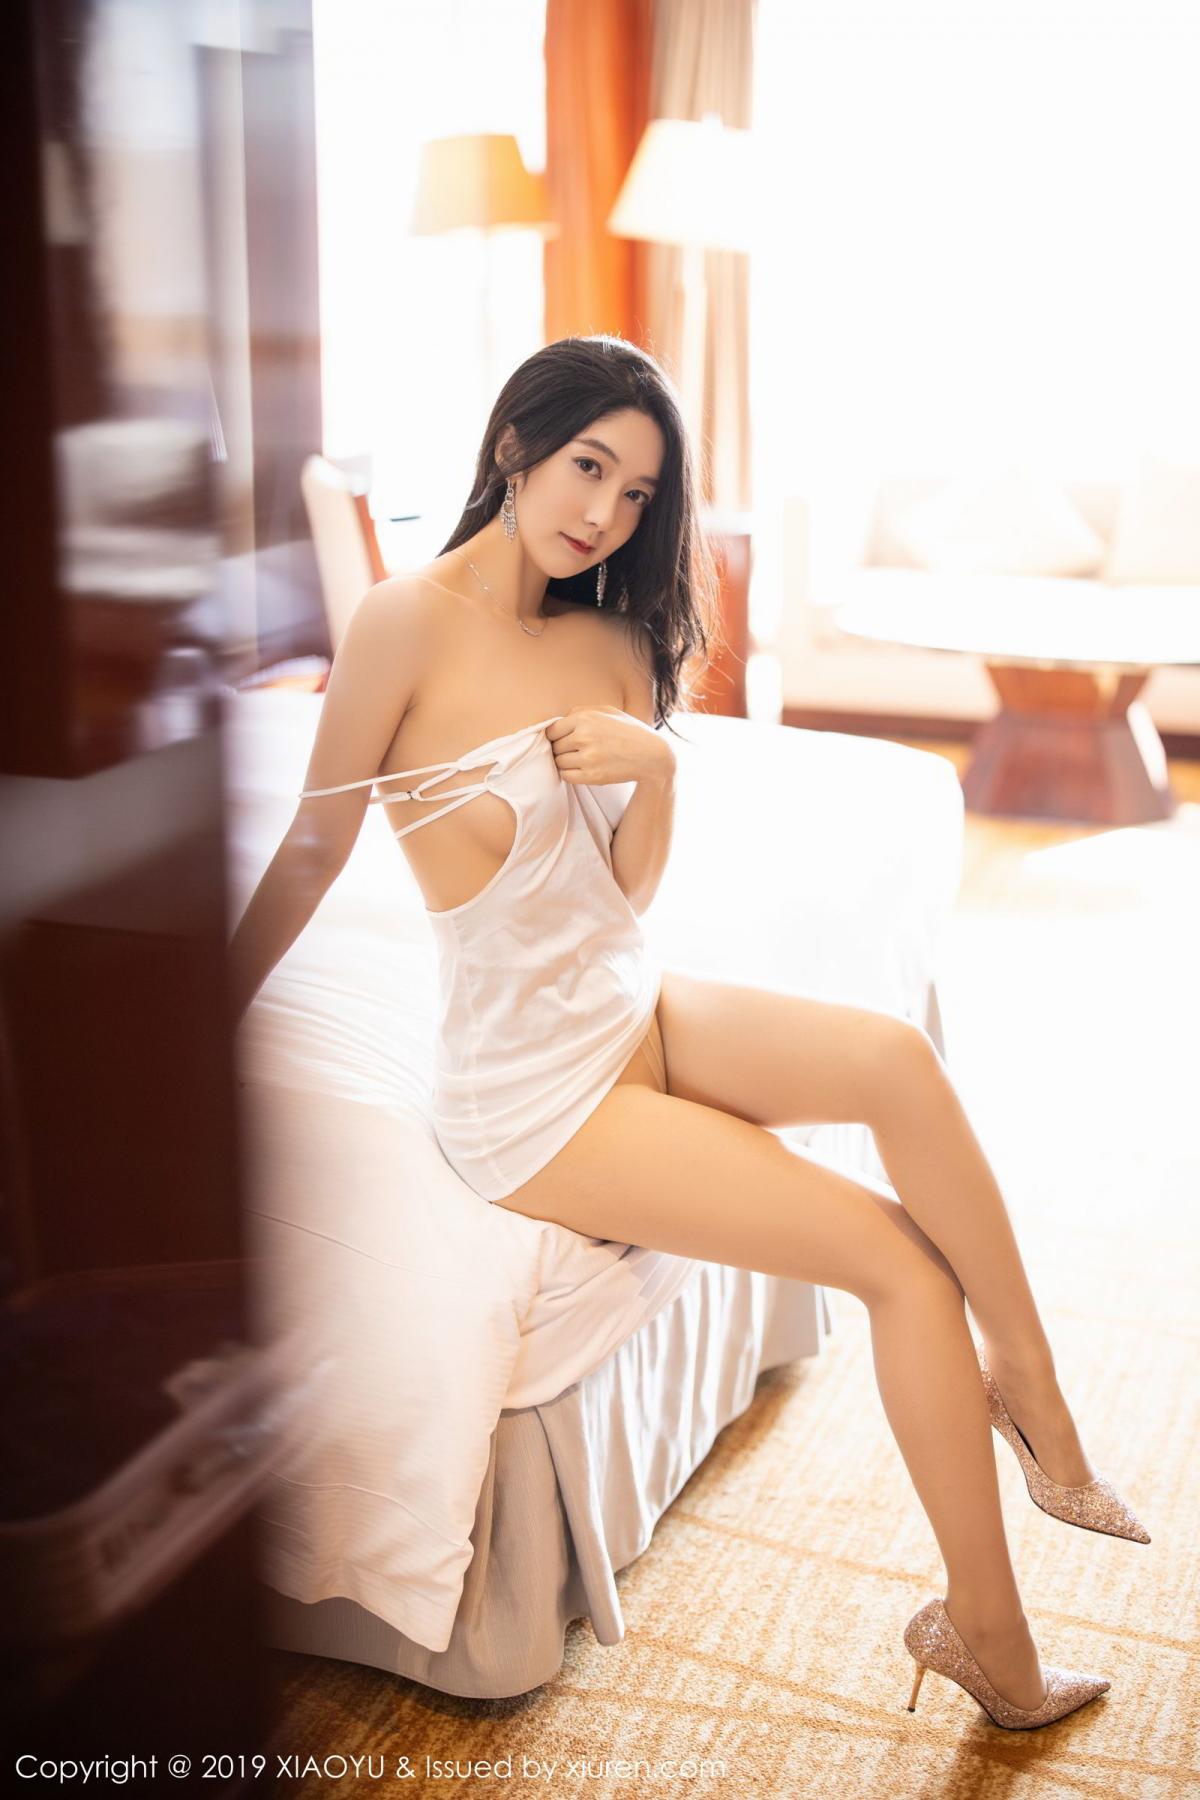 [XiaoYu] Vol.177 Di Yi 10P, Di Yi, XiaoYu